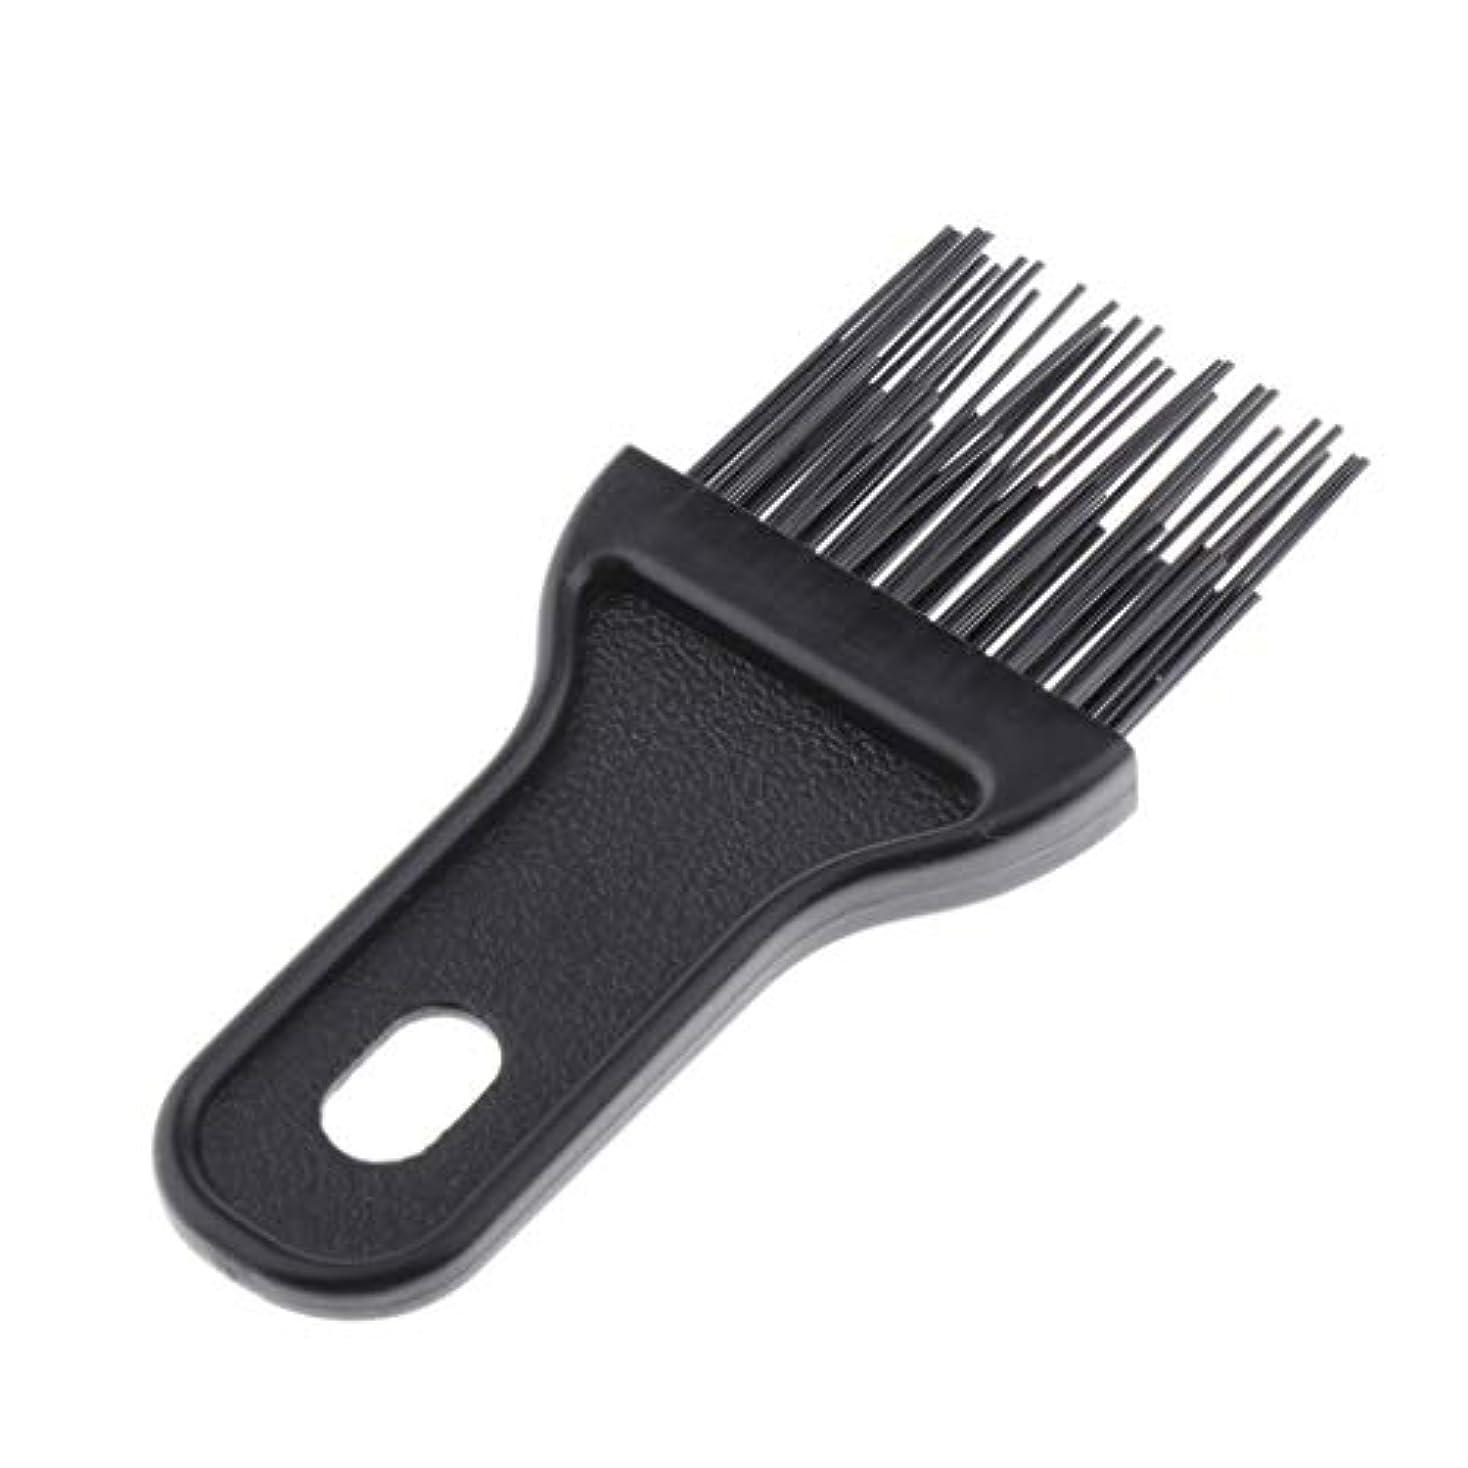 所持複製する止まるDYNWAVE コーム クリーナー 櫛クリーナー ブラシクリーナー ヘア ヘアーブラシクリーナー 毛掃除 ツール 全2選択 - 2